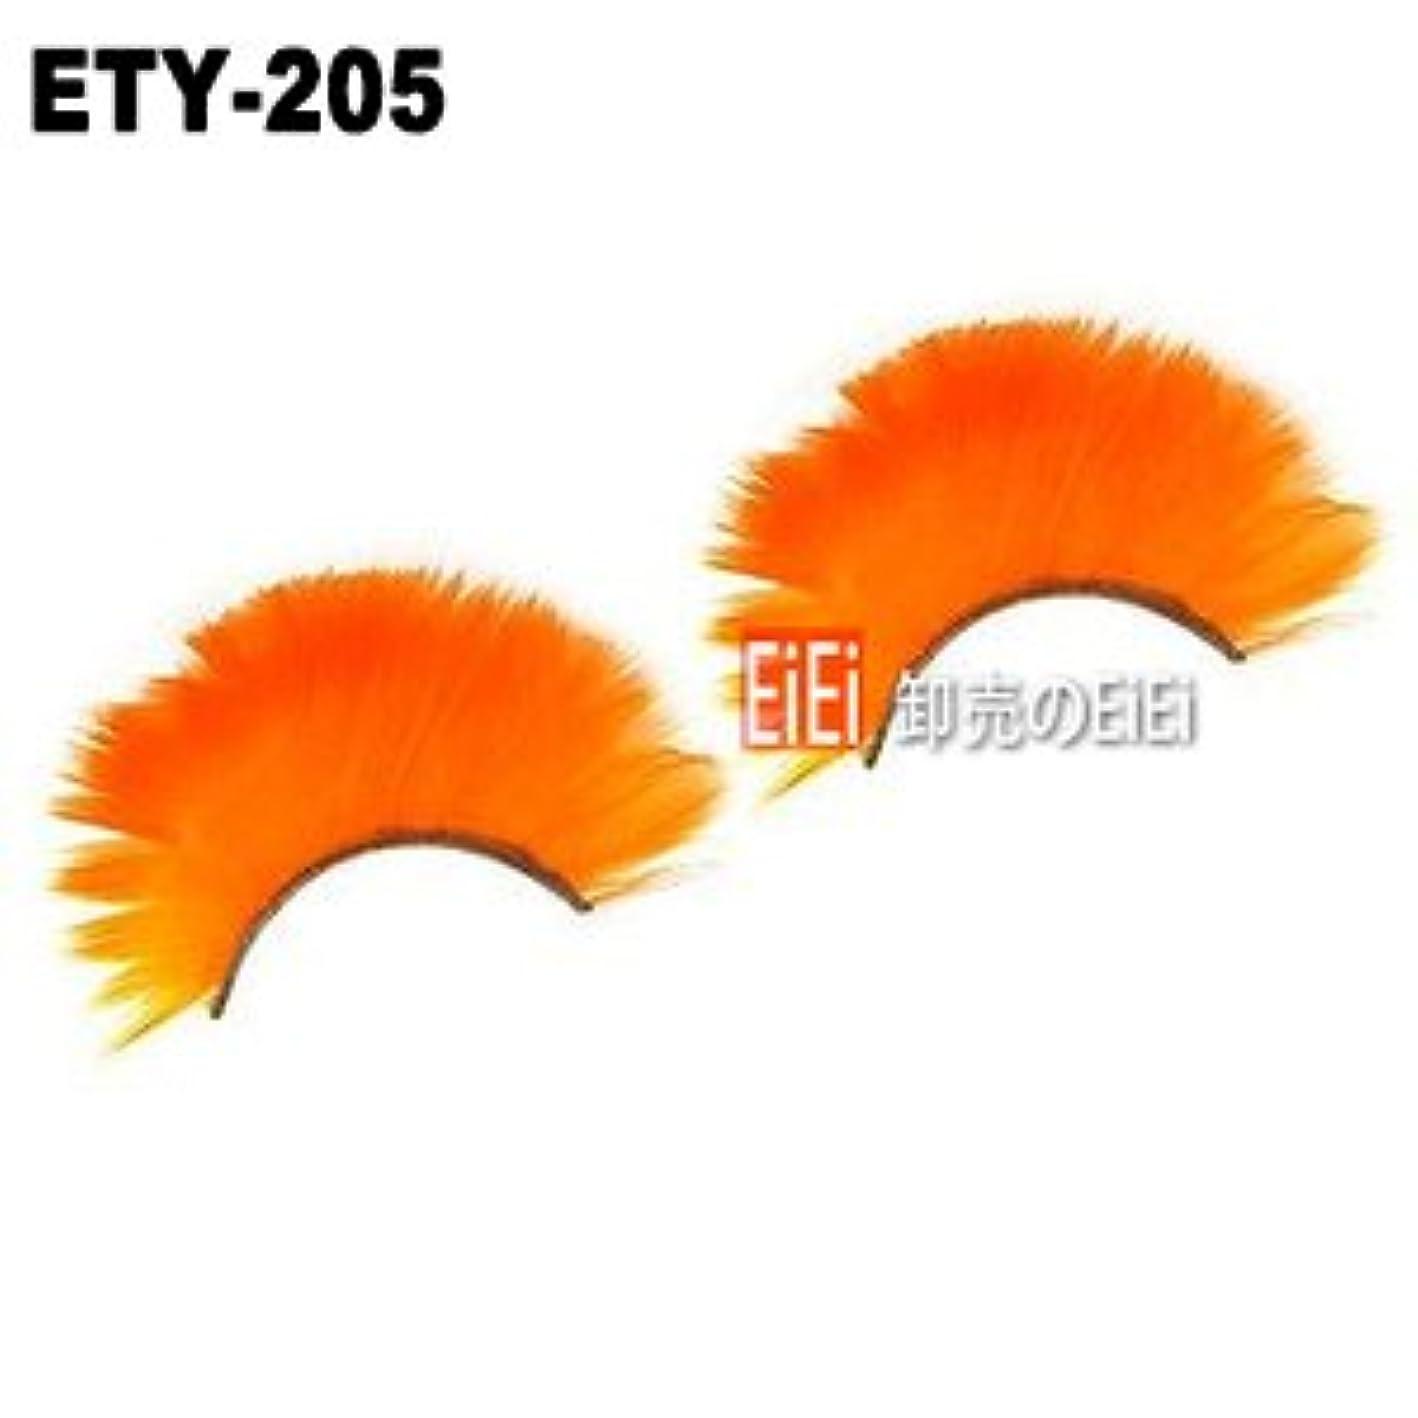 協力する破壊的酔ってつけまつげ セット 羽 ナチュラル つけま 部分 まつげ 羽まつげ 羽根つけま カラー デザイン フェザー 激安 アイラッシュ ETY-200set (ETY-205)